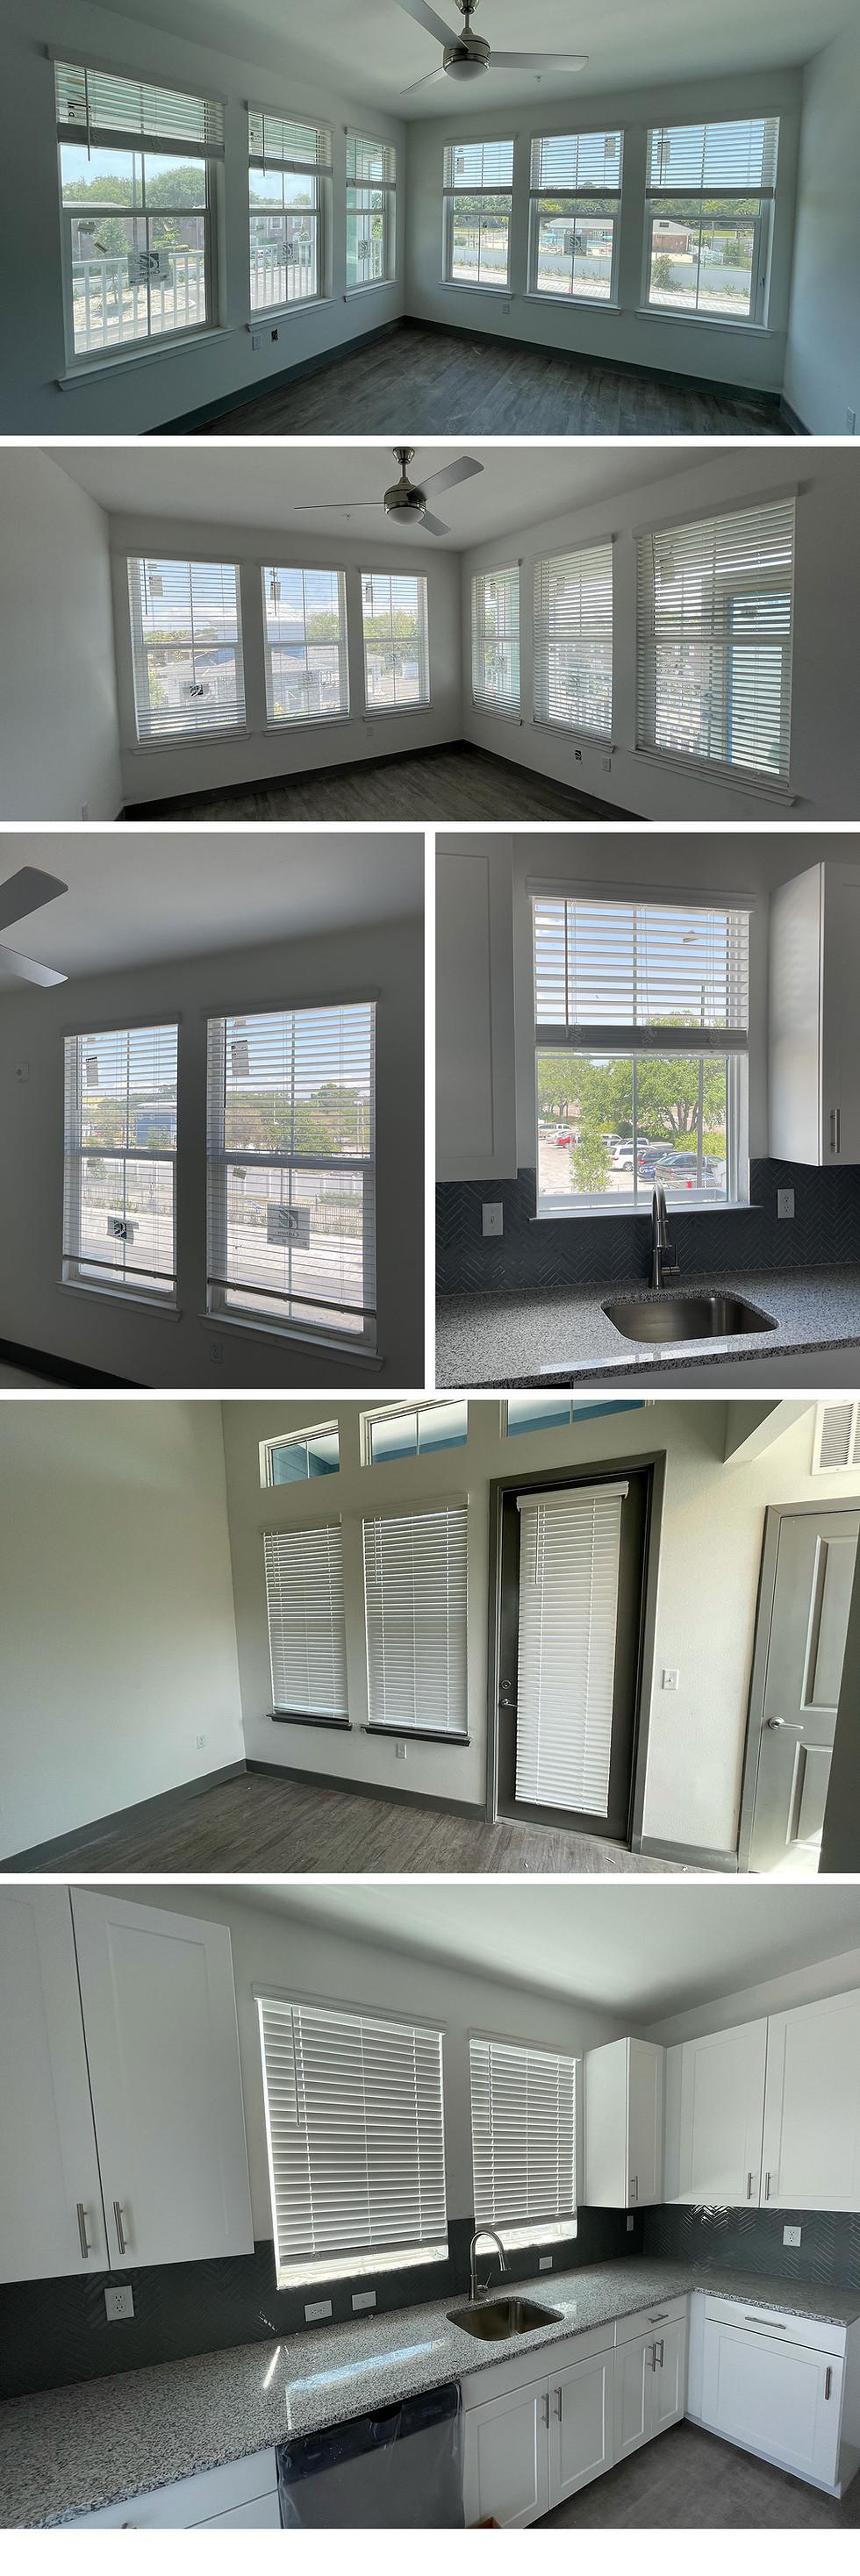 st-petersburg-multifamily-building-window-blinds-faux-wood.jpg